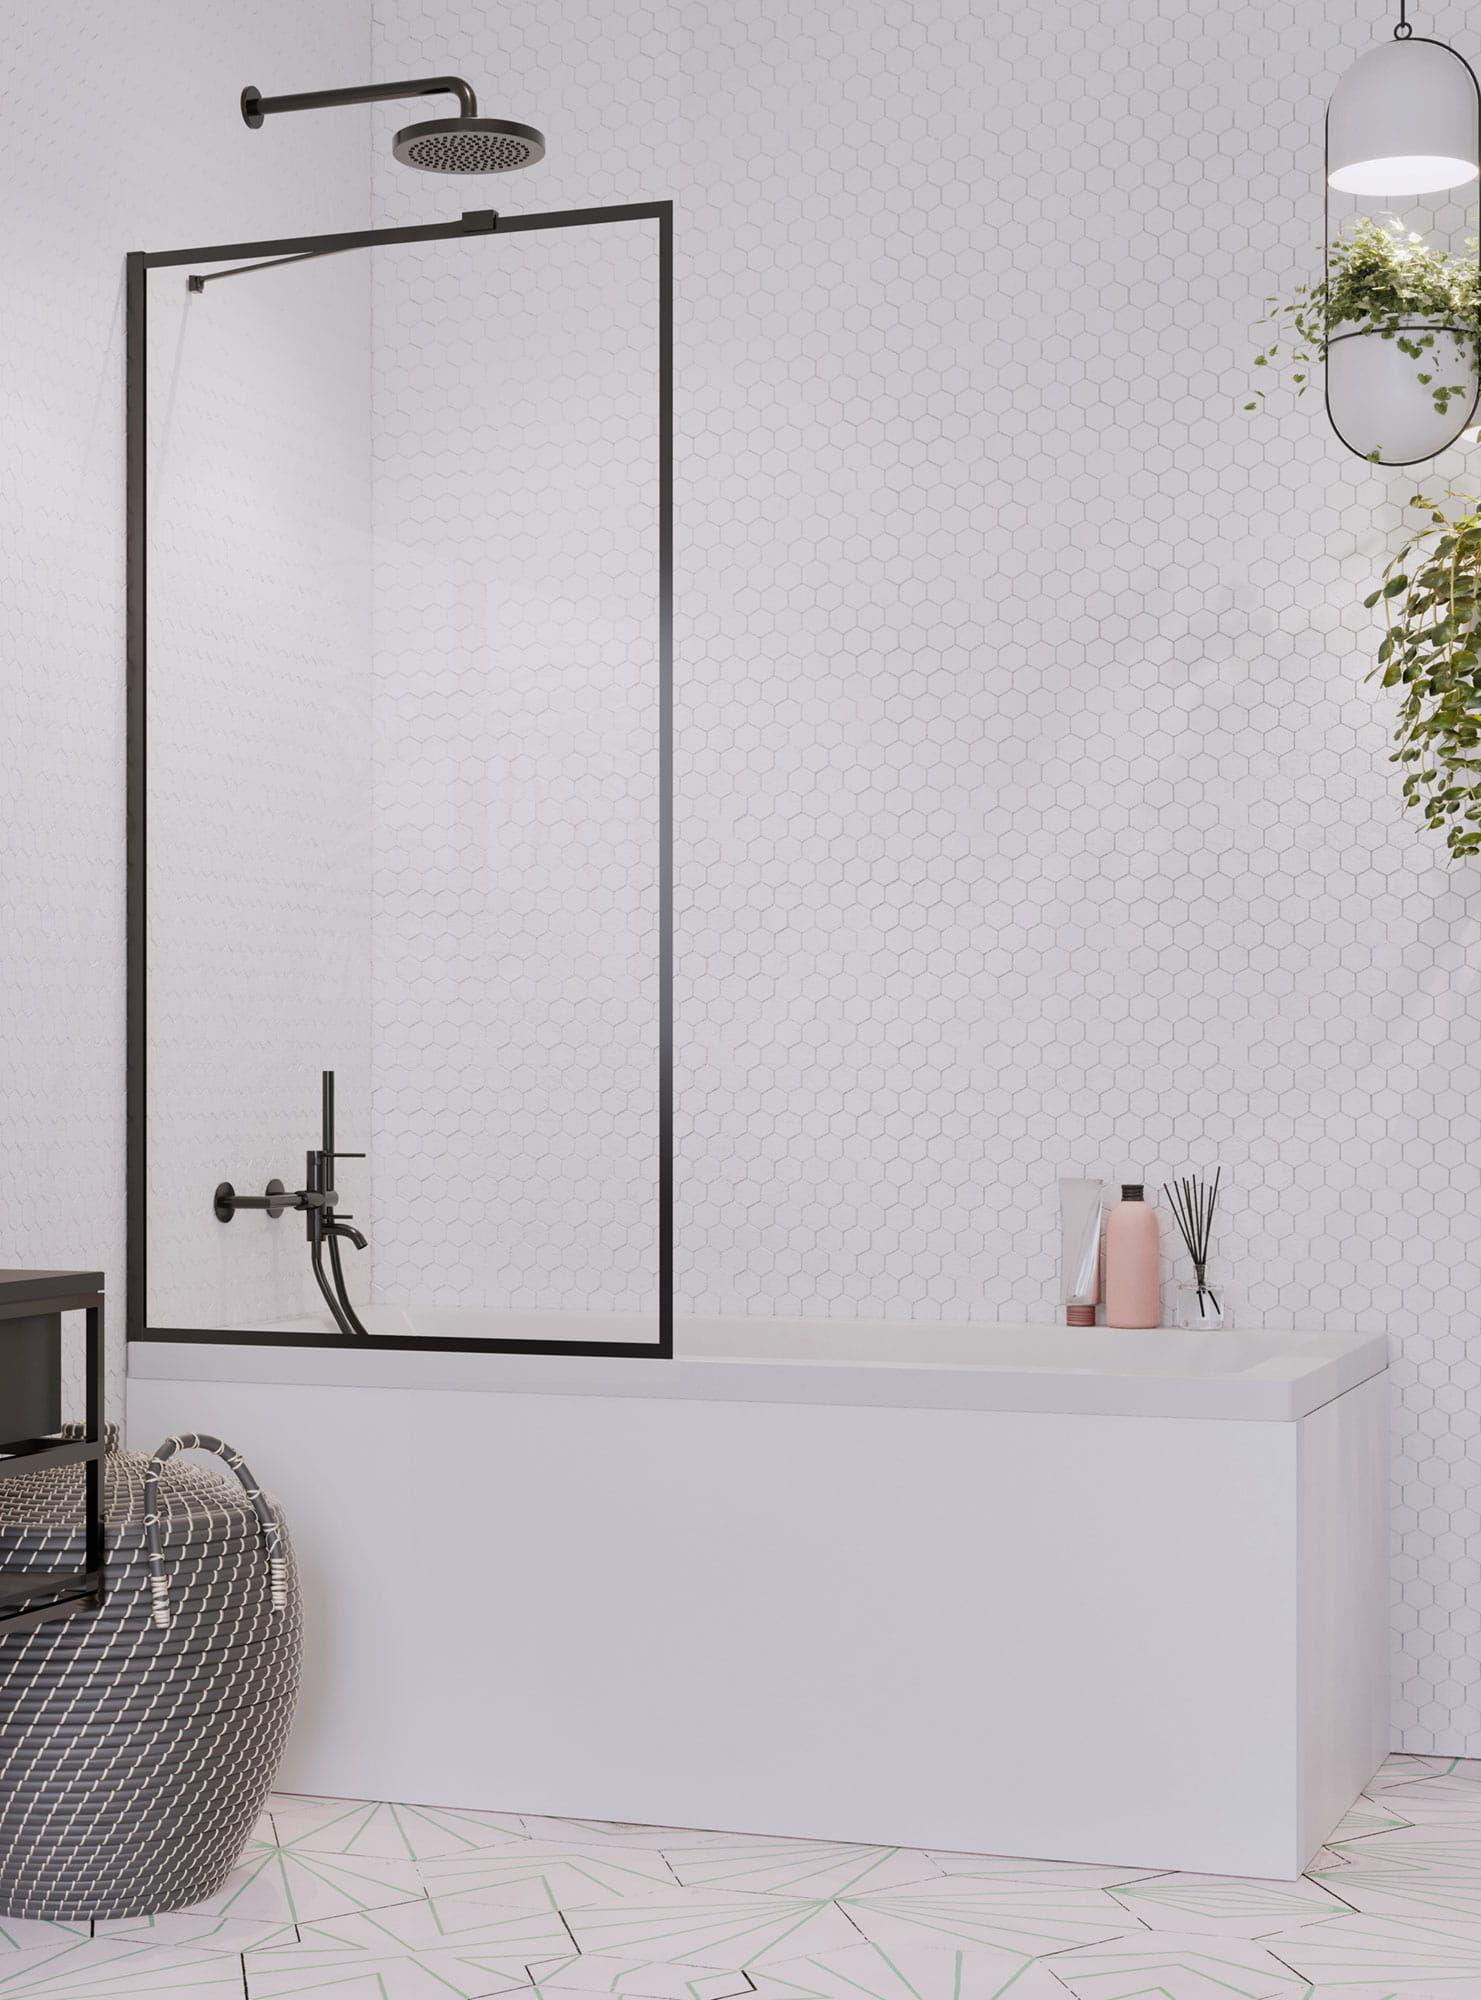 Radaway parawan nawannowy Idea Black PNJ Frame 50 cm, szkło przejrzyste, wys. 150 cm 10001050-54-56